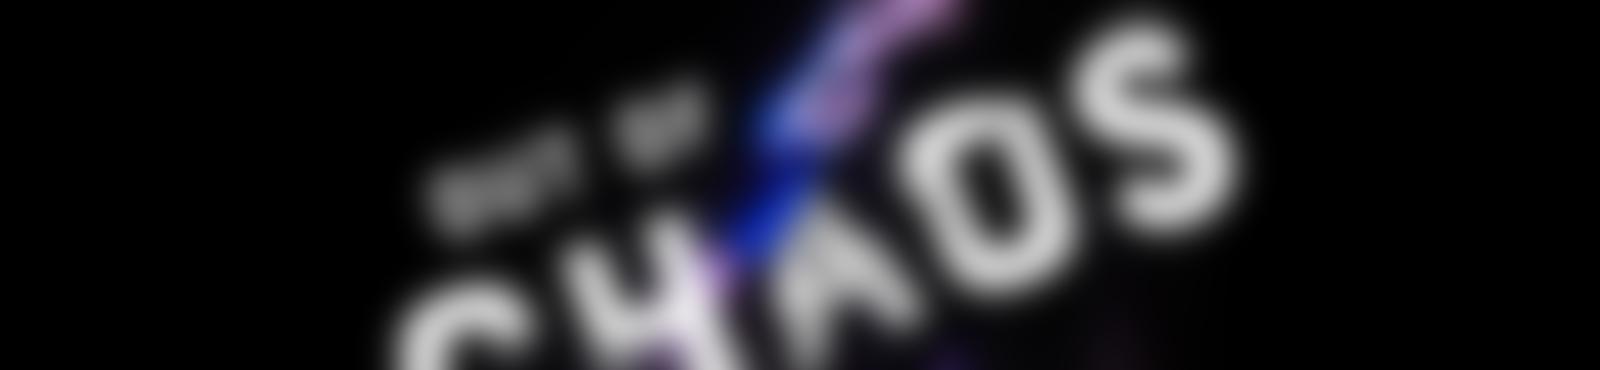 Blurred cdbc6928 d492 48fa a518 e0a34df042c4